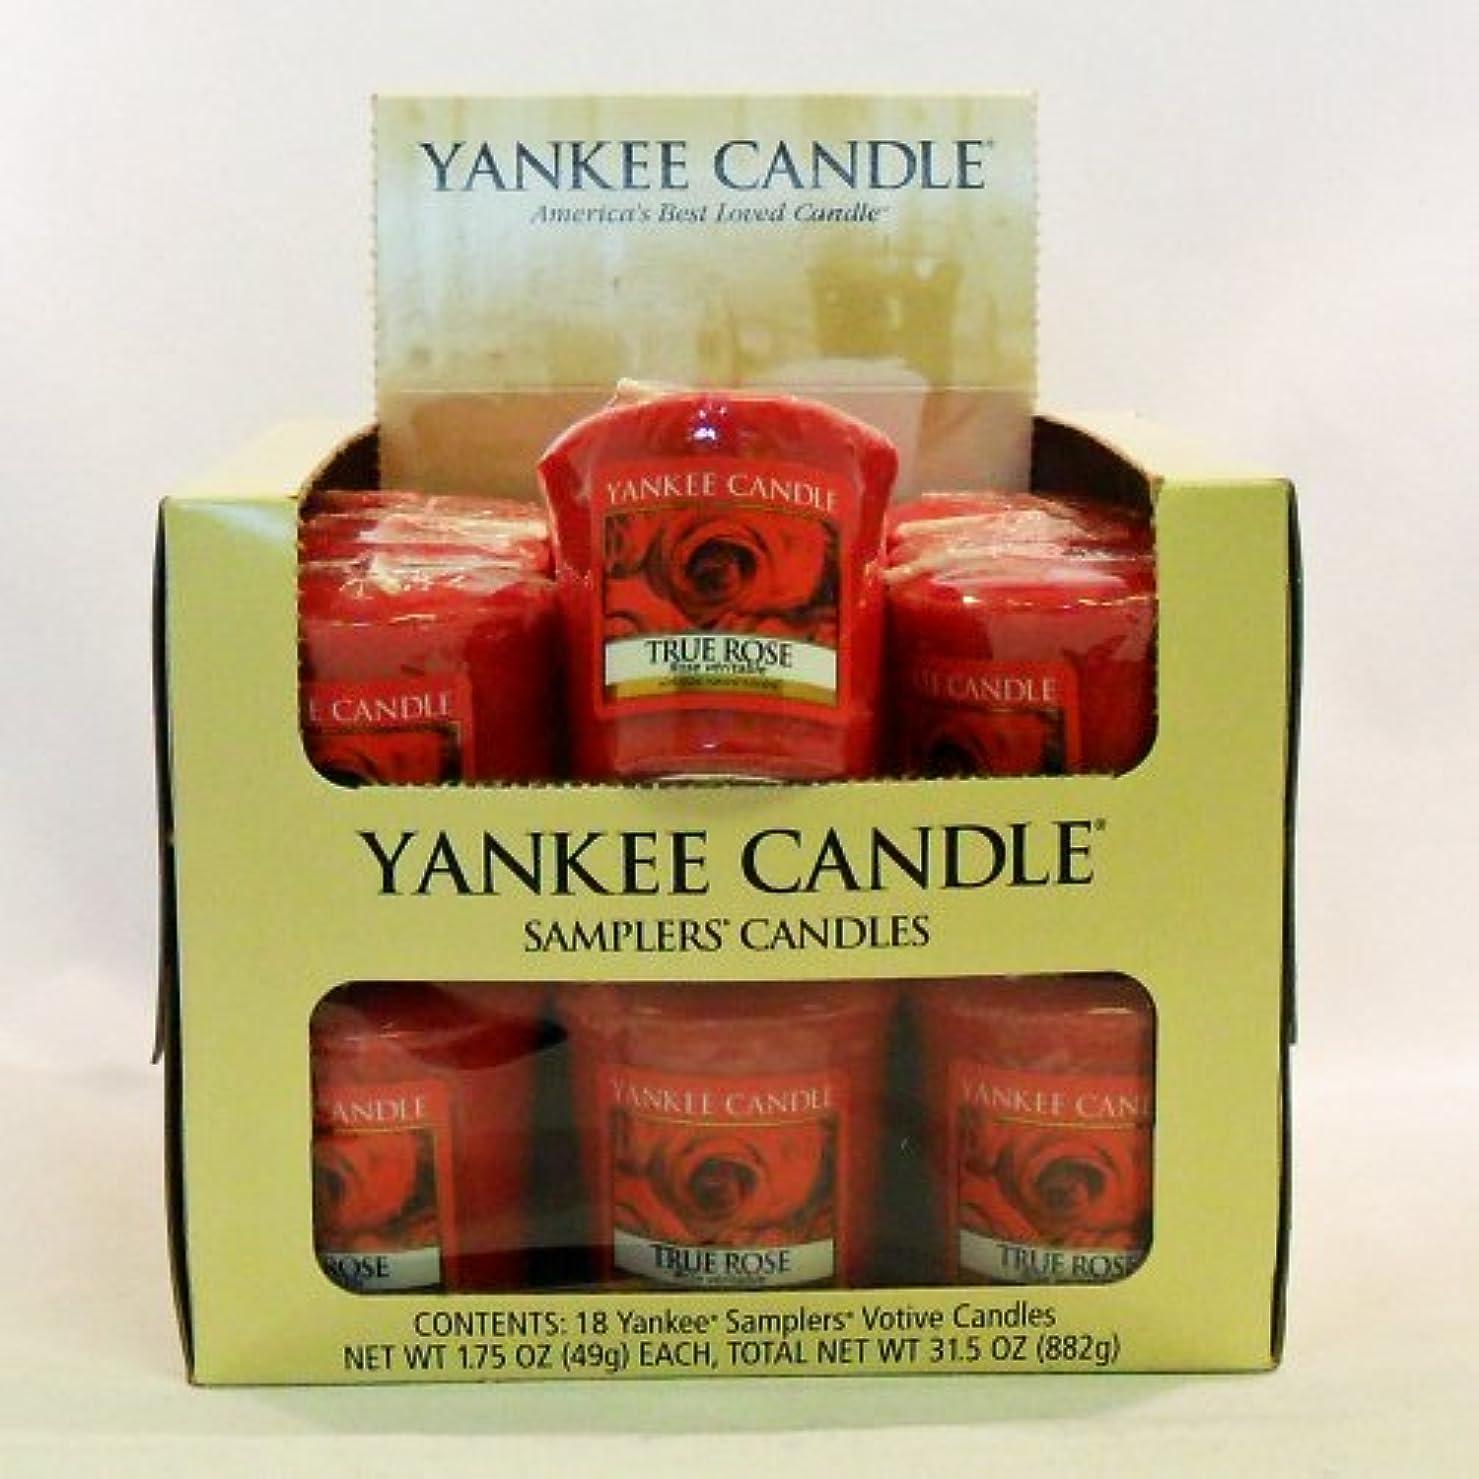 ペイントリップ旅客Yankee candle-18 X TrueローズVotiveサンプラーキャンドル – 新しい香りfor 2012 。